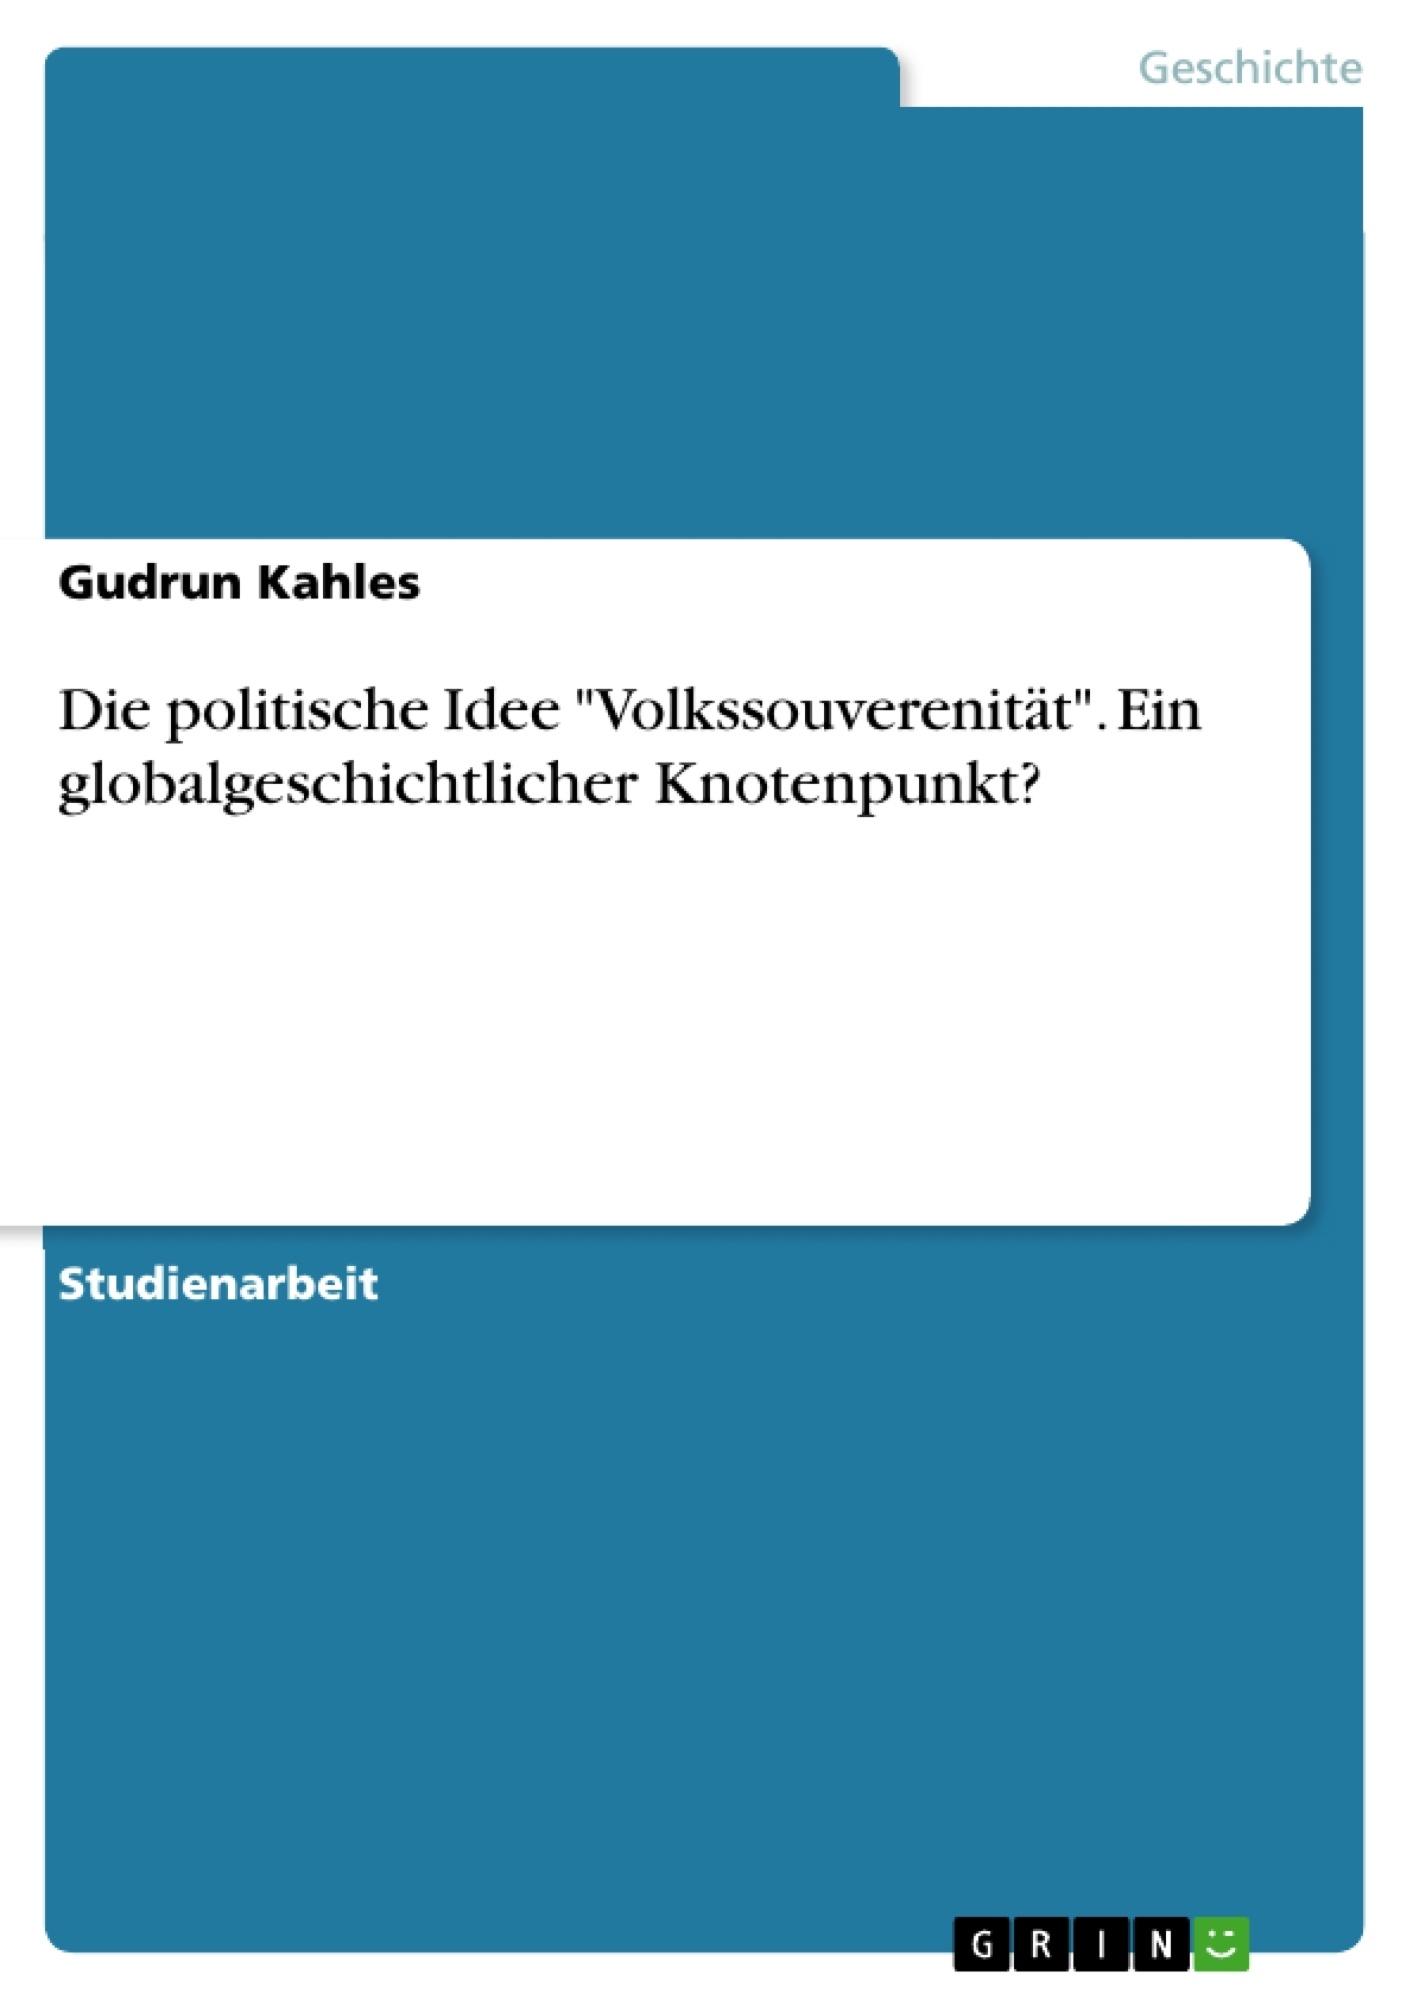 """Titel: Die politische Idee """"Volkssouverenität"""". Ein globalgeschichtlicher Knotenpunkt?"""